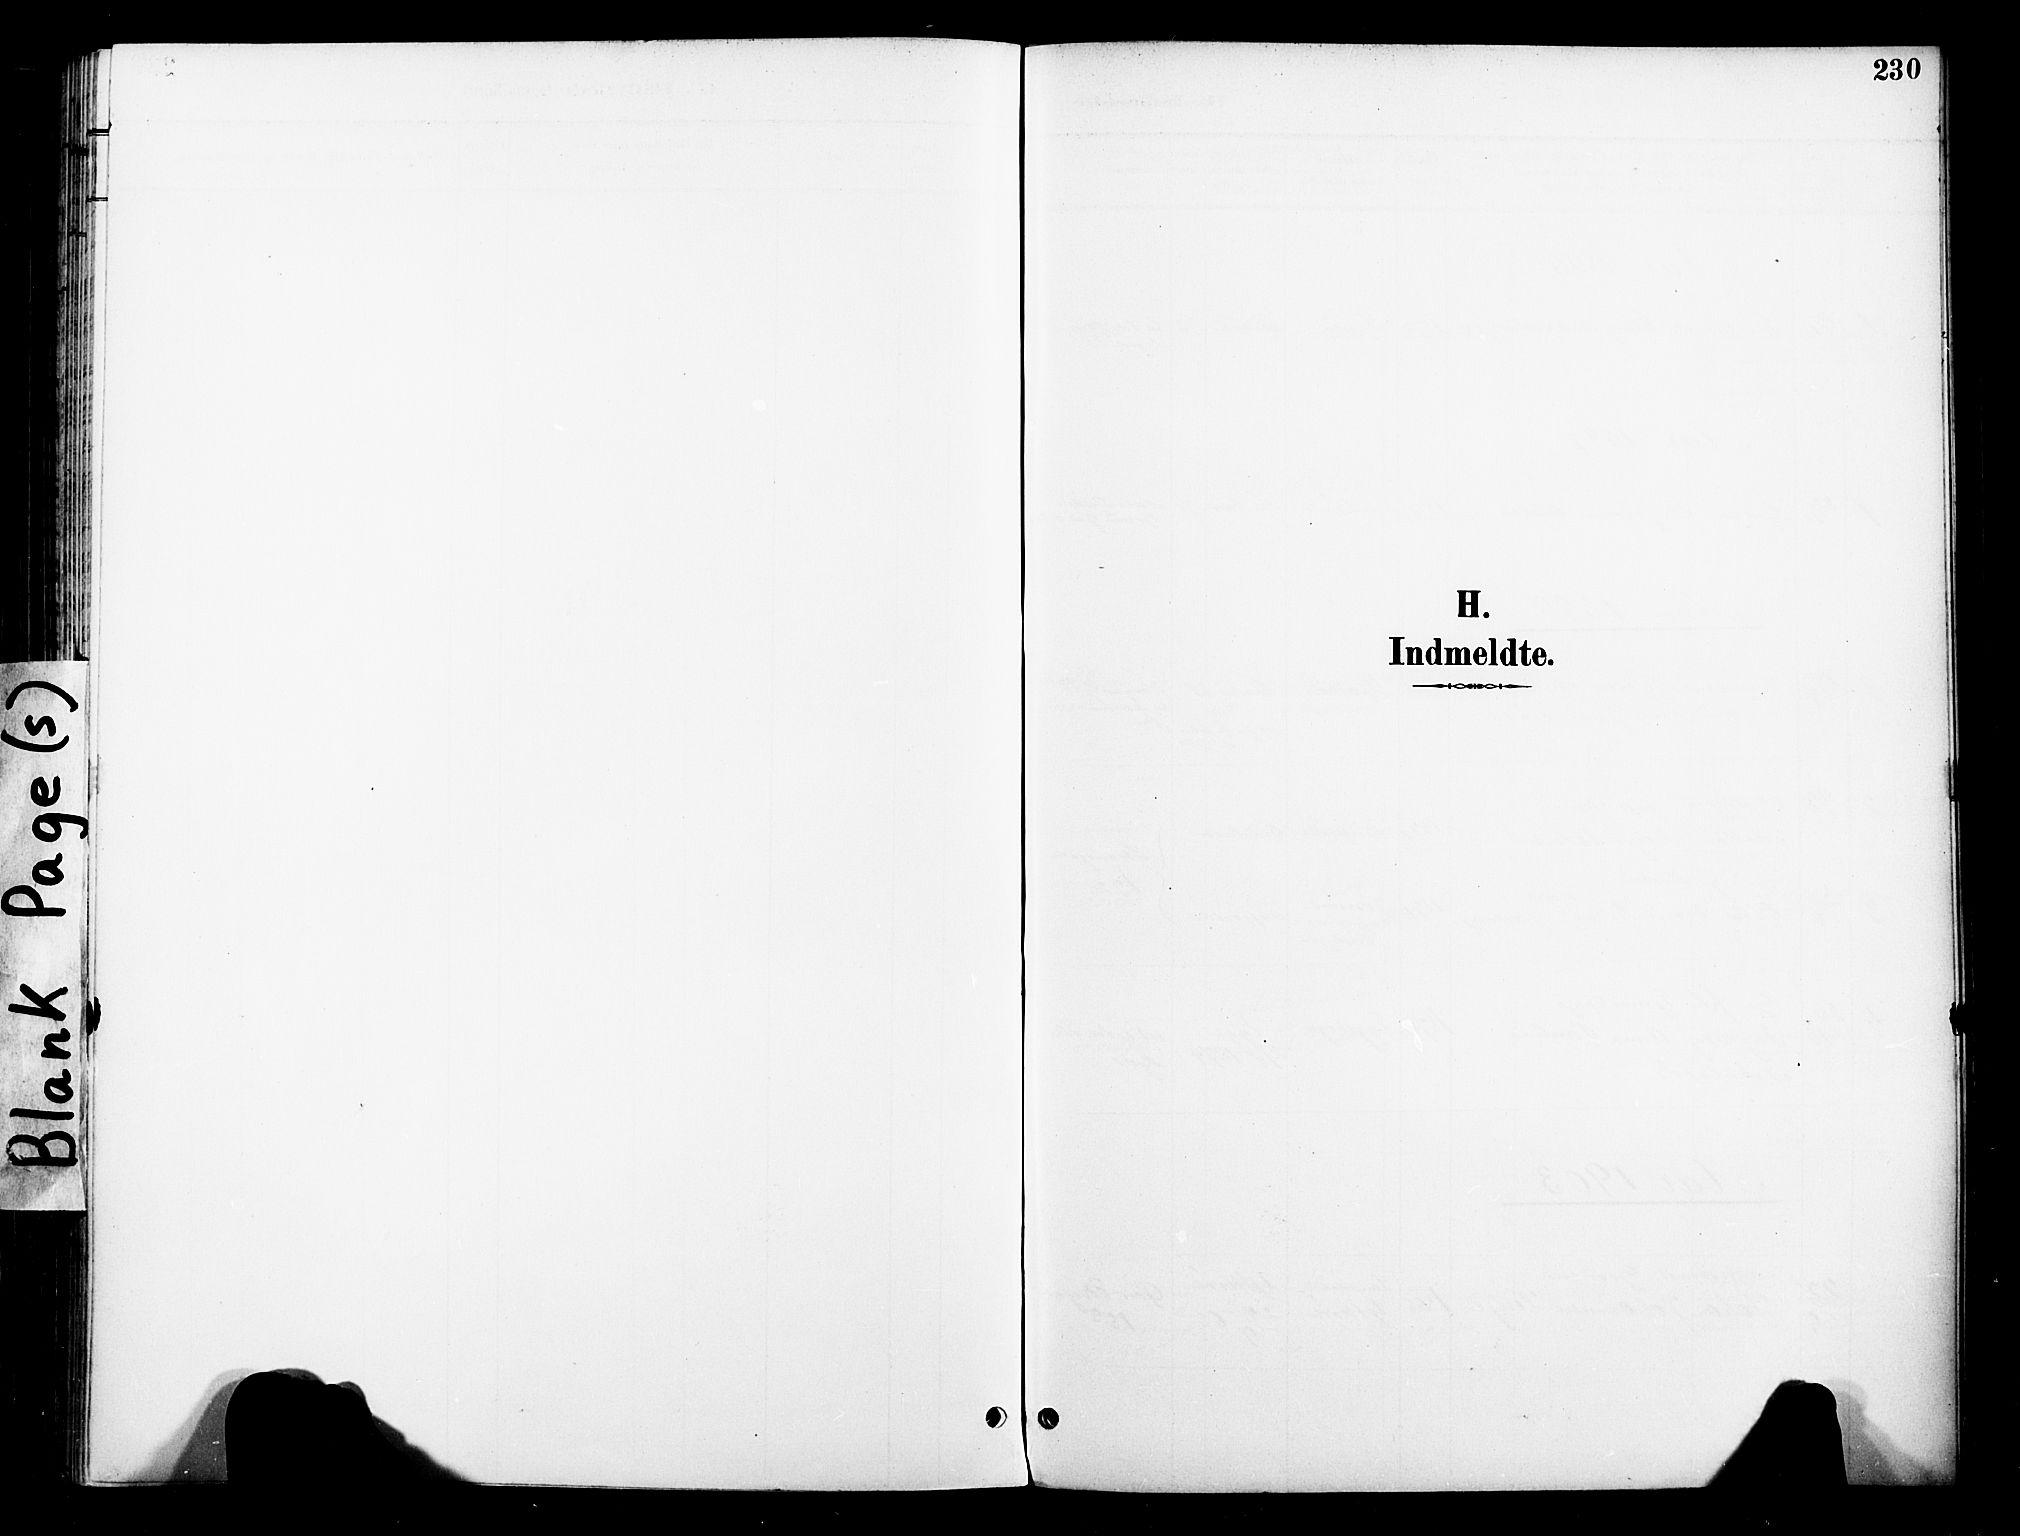 SAT, Ministerialprotokoller, klokkerbøker og fødselsregistre - Nord-Trøndelag, 739/L0372: Ministerialbok nr. 739A04, 1895-1903, s. 230